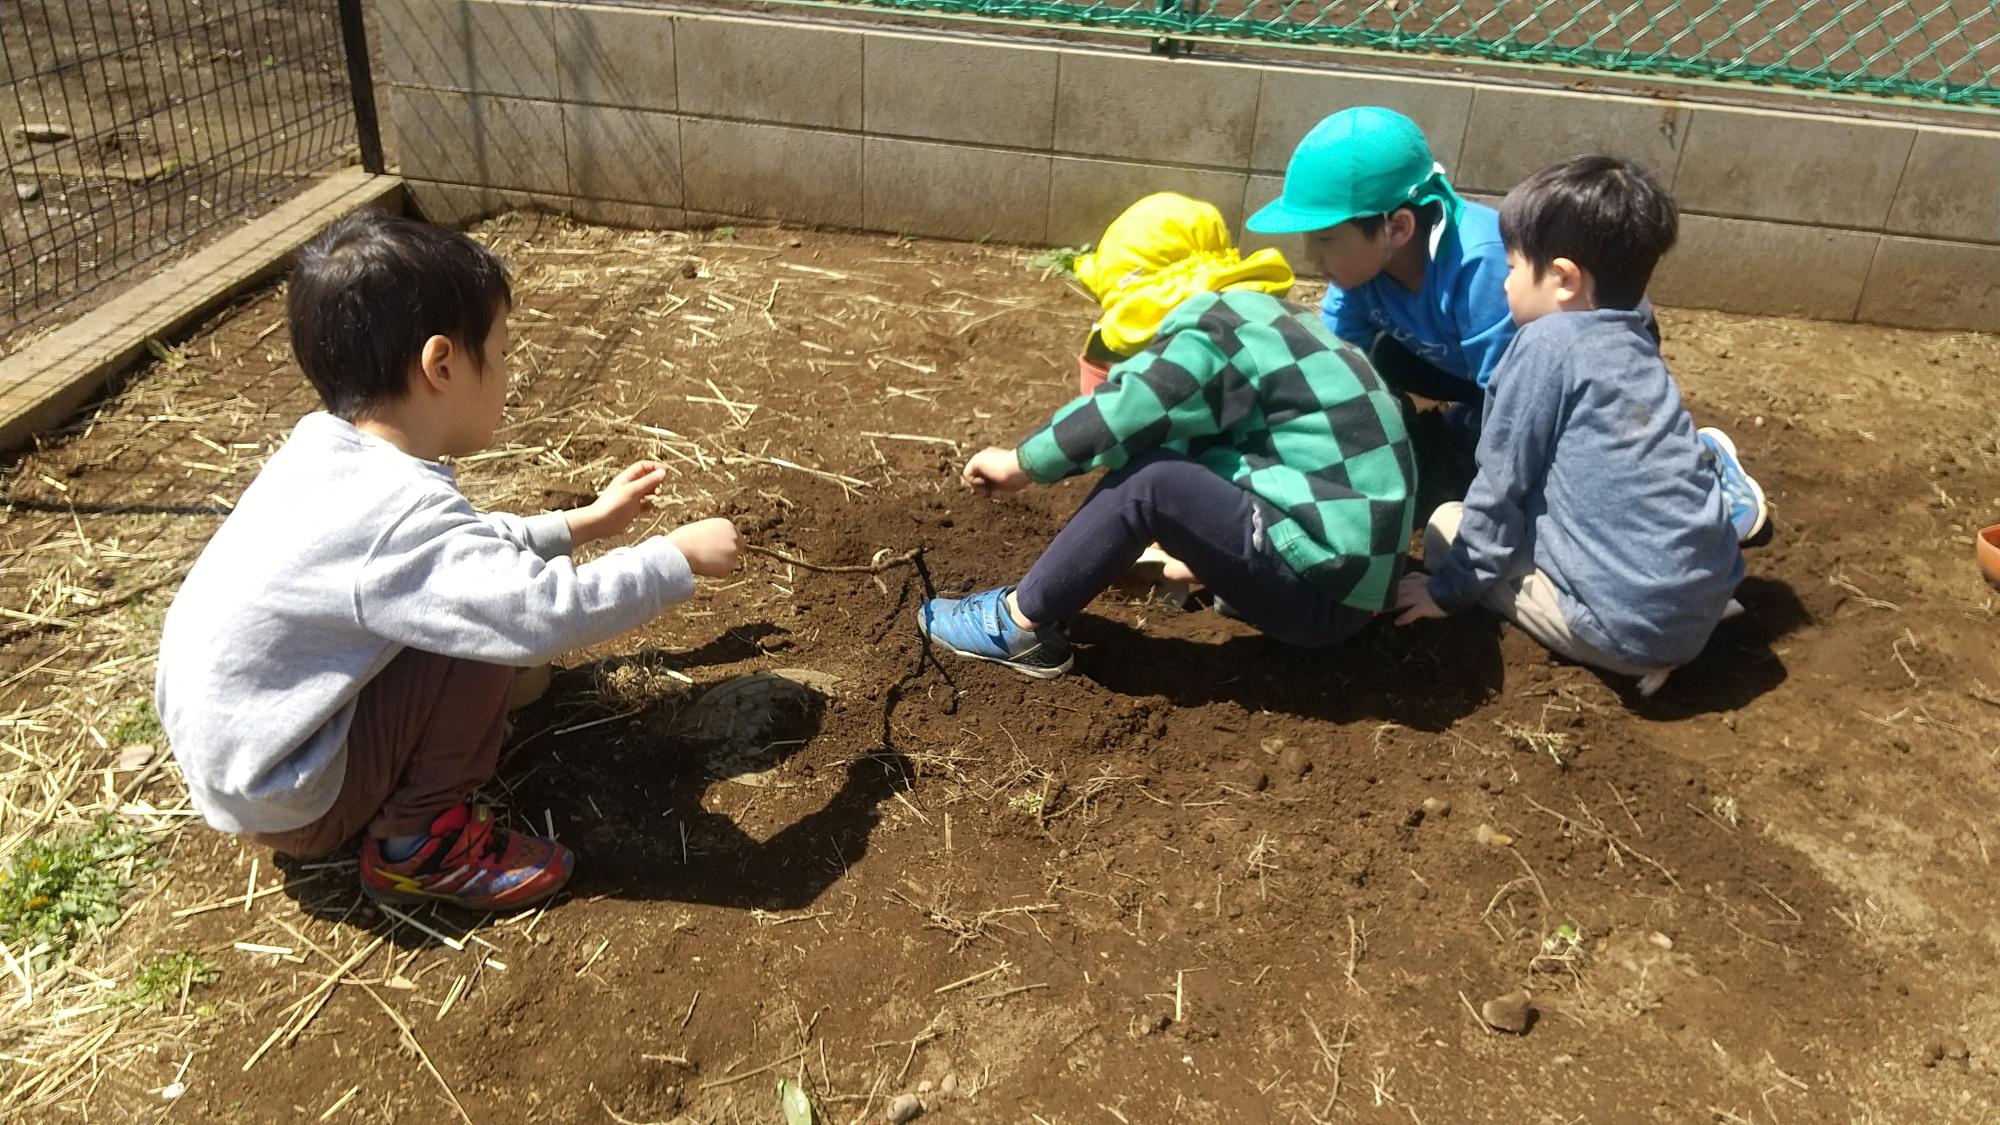 園庭で友だち同士で遊ぶ子どもたち